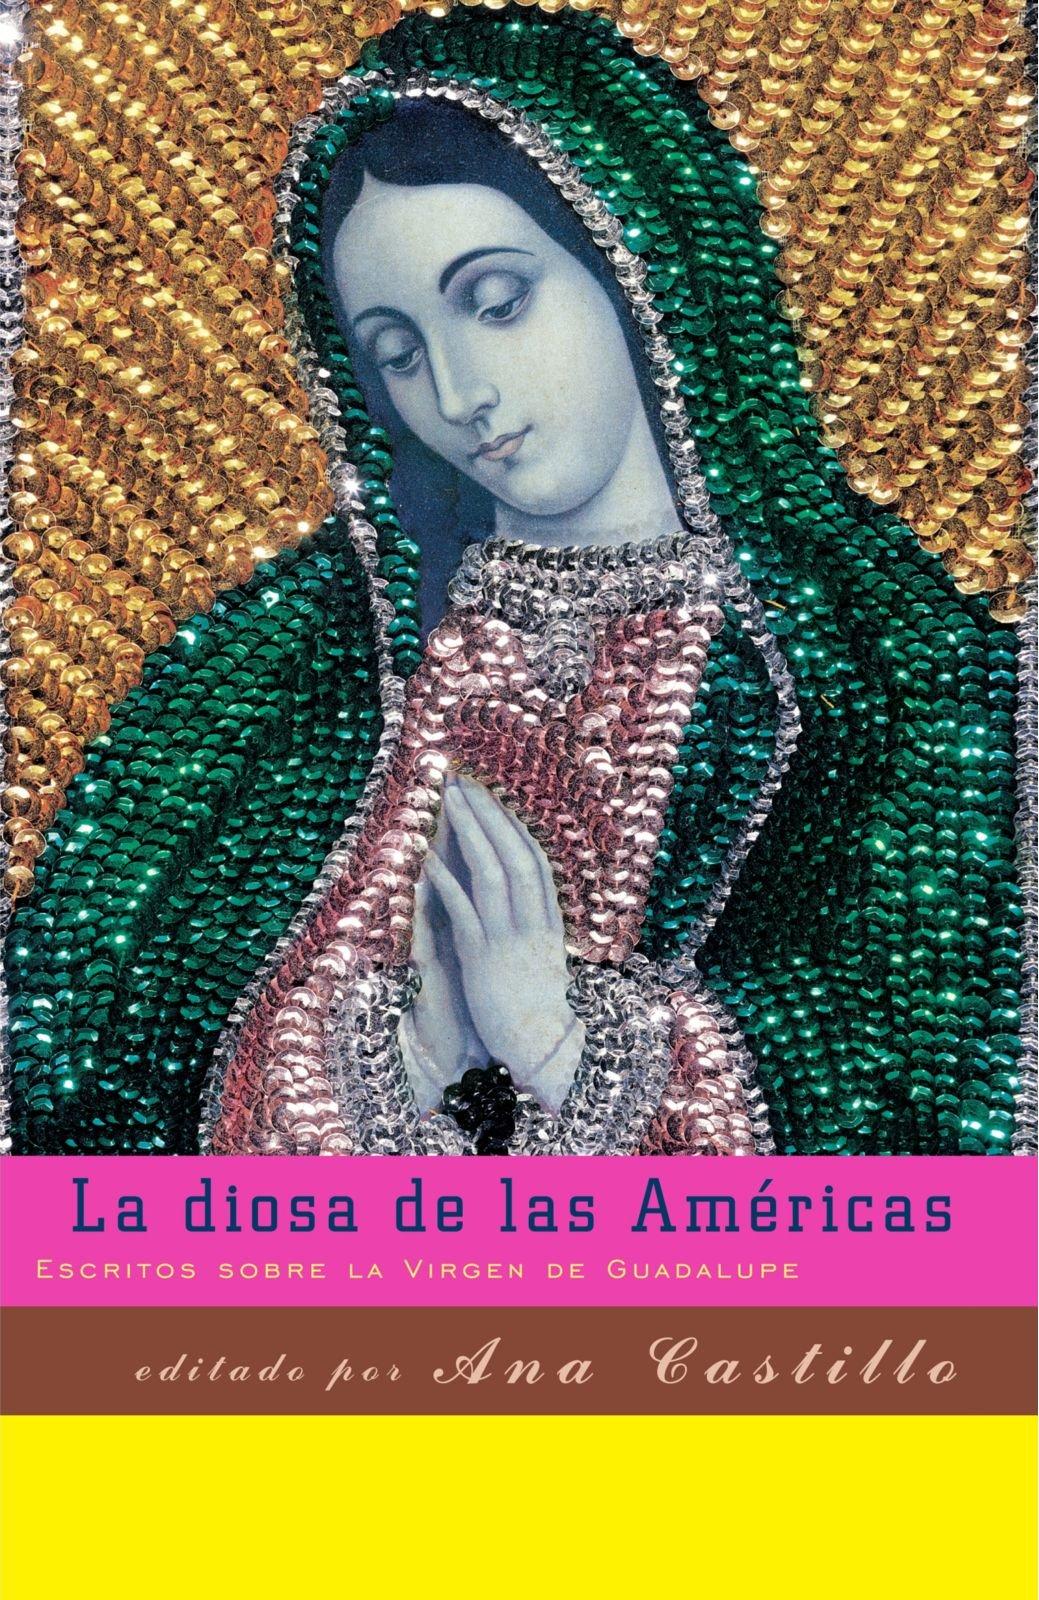 Download La Diosa de las Américas PDF ePub fb2 book